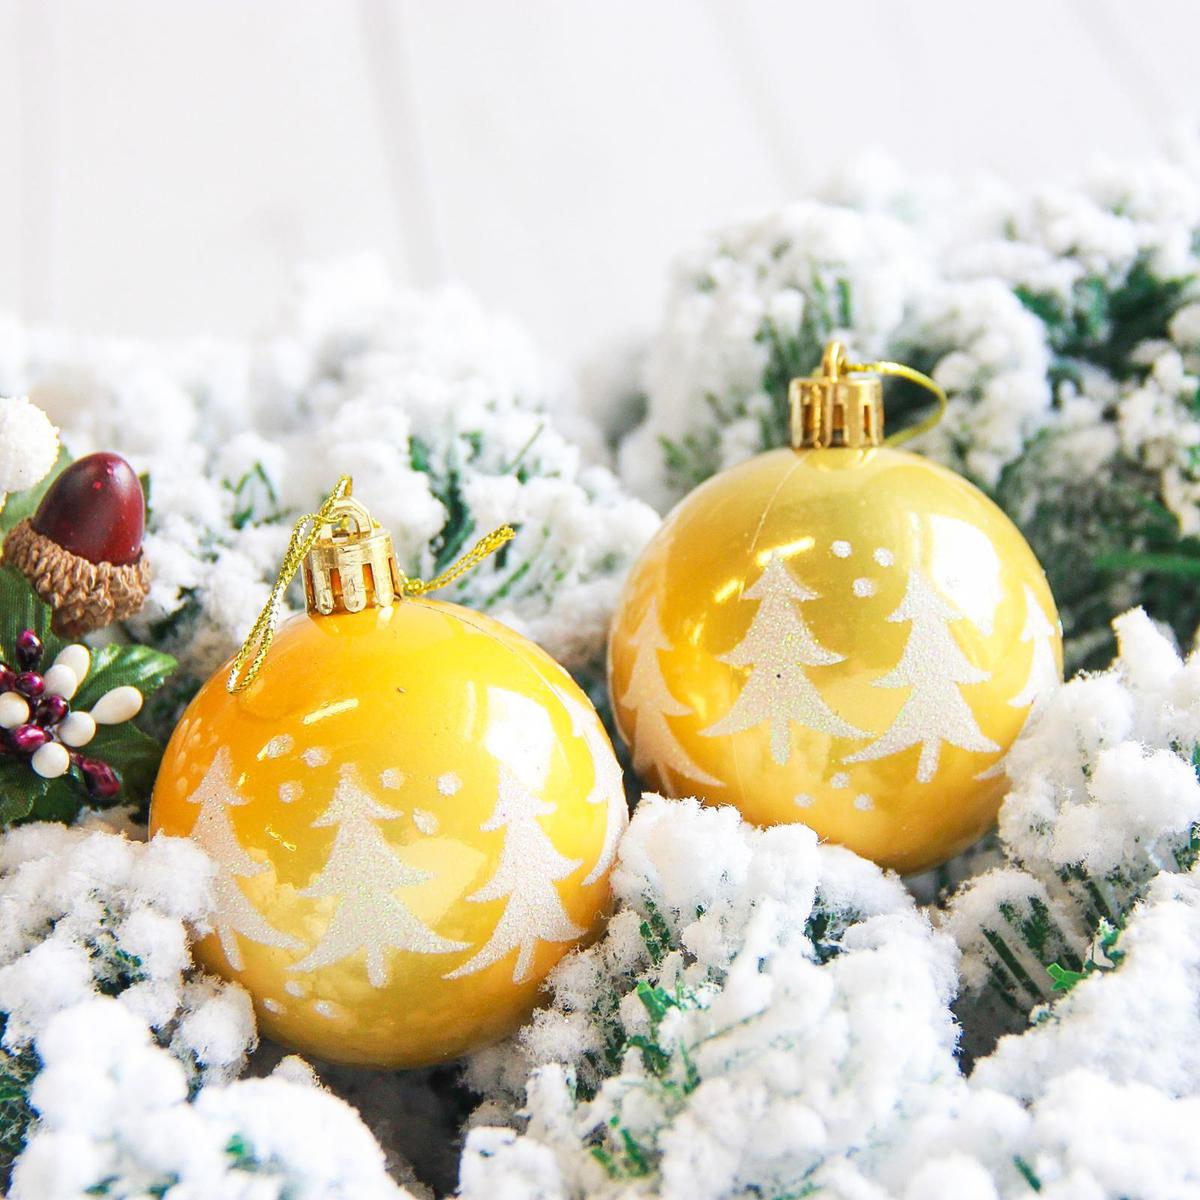 Набор новогодних подвесных украшений Sima-land Елочки. Капель, цвет: желтый, диаметр 6 см, 6 шт2178179Невозможно представить нашу жизнь без праздников! Мы всегда ждём их и предвкушаем, обдумываем, как проведём памятный день, тщательно выбираем подарки и аксессуары, ведь именно они создают и поддерживают торжественный настрой.